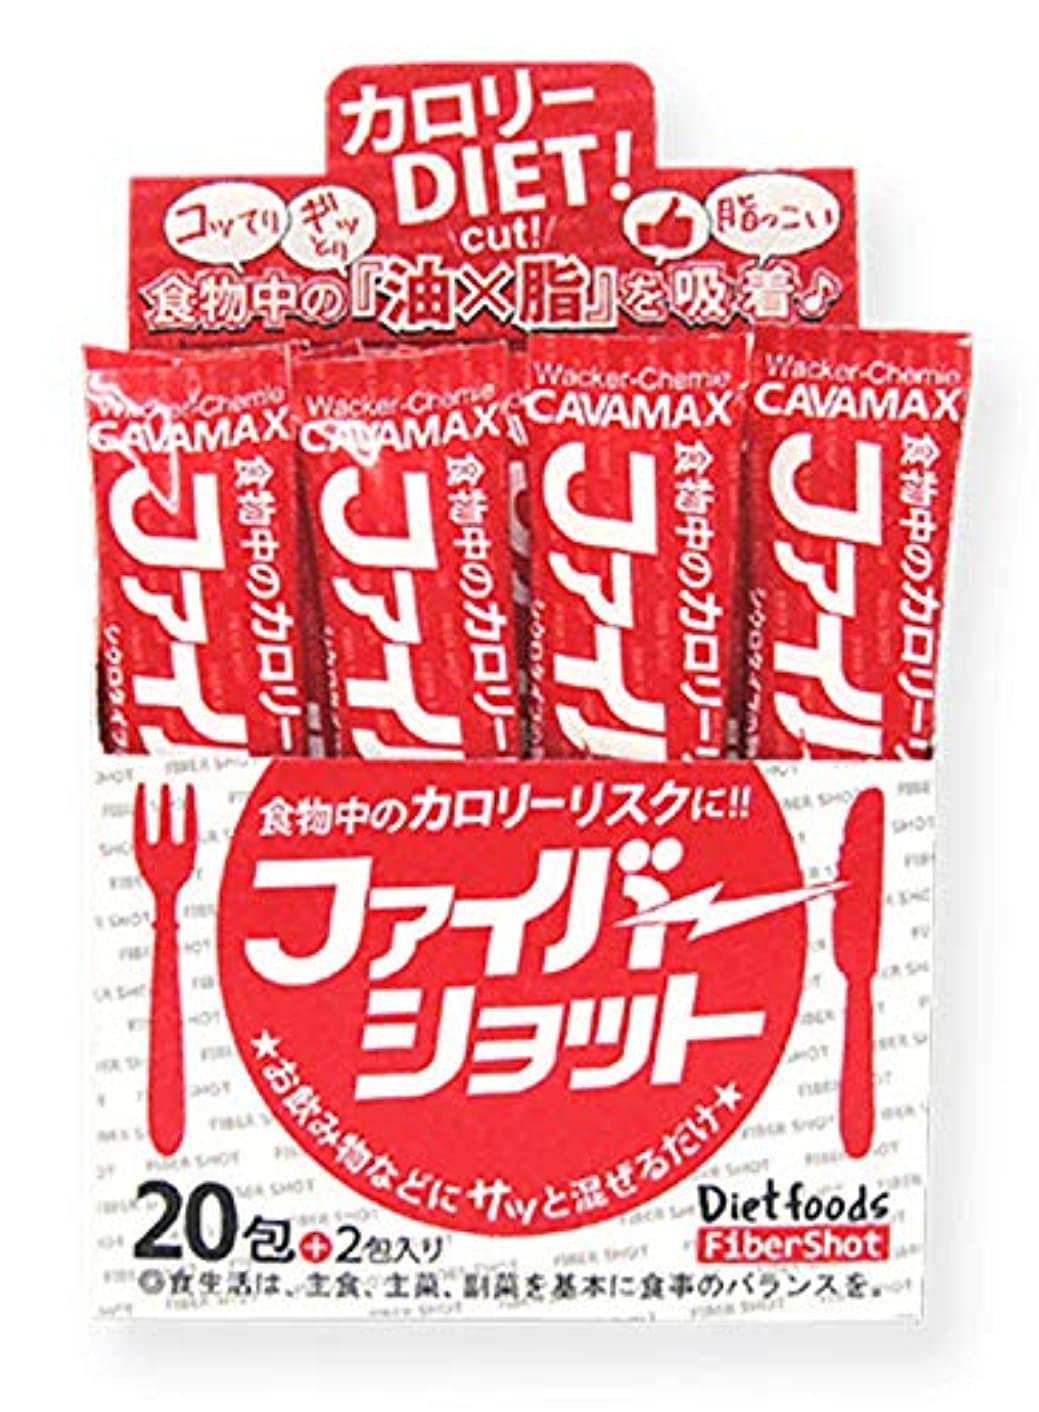 ファイナンス観光老人ファイバーショット 8箱 (5g×22包) αシクロデキストリン 難消化性デキストリン 食物繊維 粉末